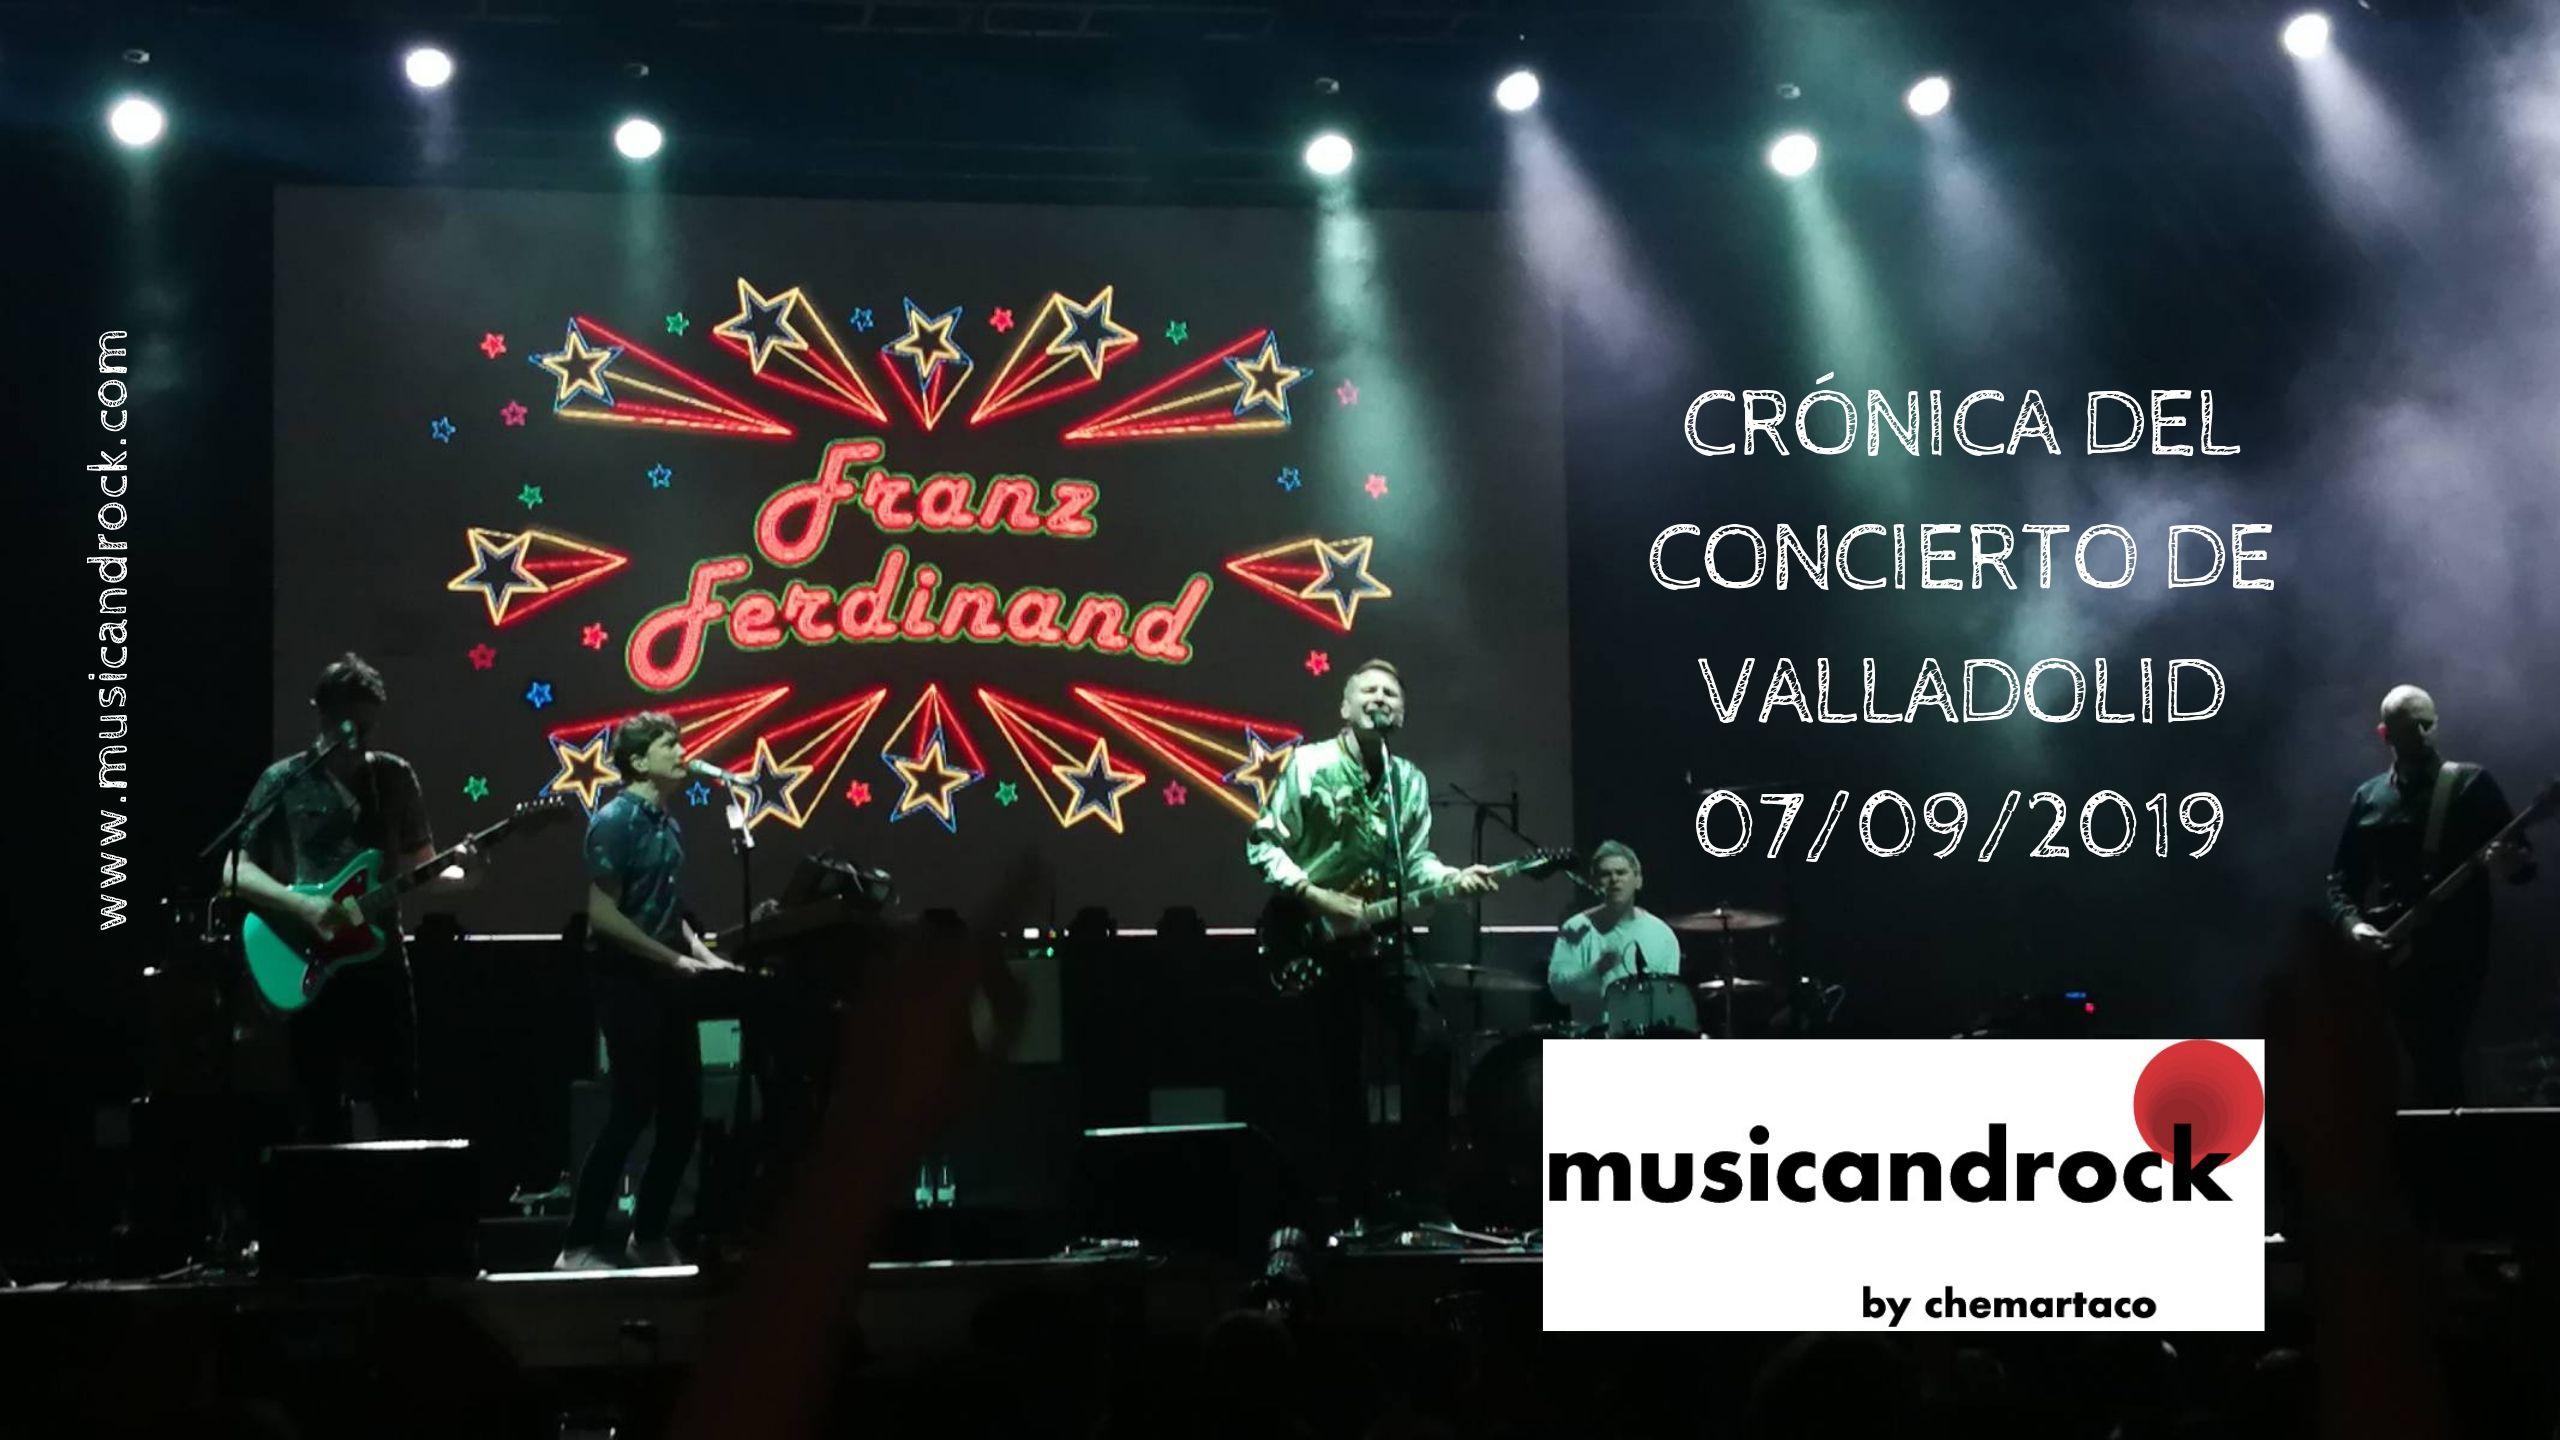 Franz Ferdinand brinda un concierto de altura, tablas y tesón en las fiestas de Valladolid